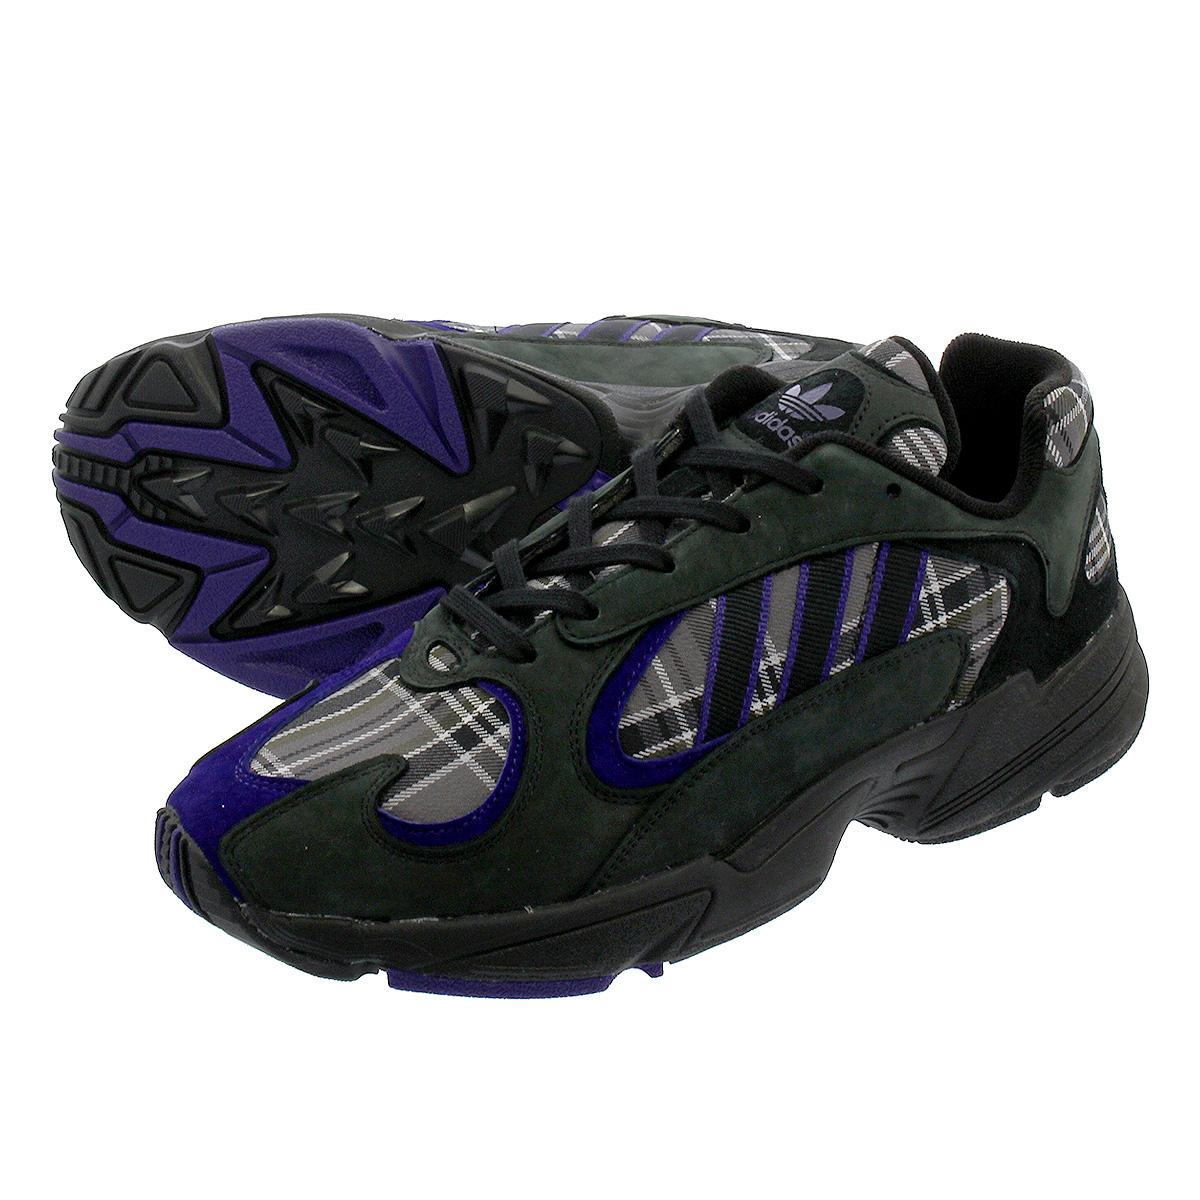 【毎日がお得!値下げプライス】 adidas YUNG-1 【adidas Originals】 アディダス ヤング 1 CORE BLACK/COLLEGE PURPLE/CORE BLACK ef3965